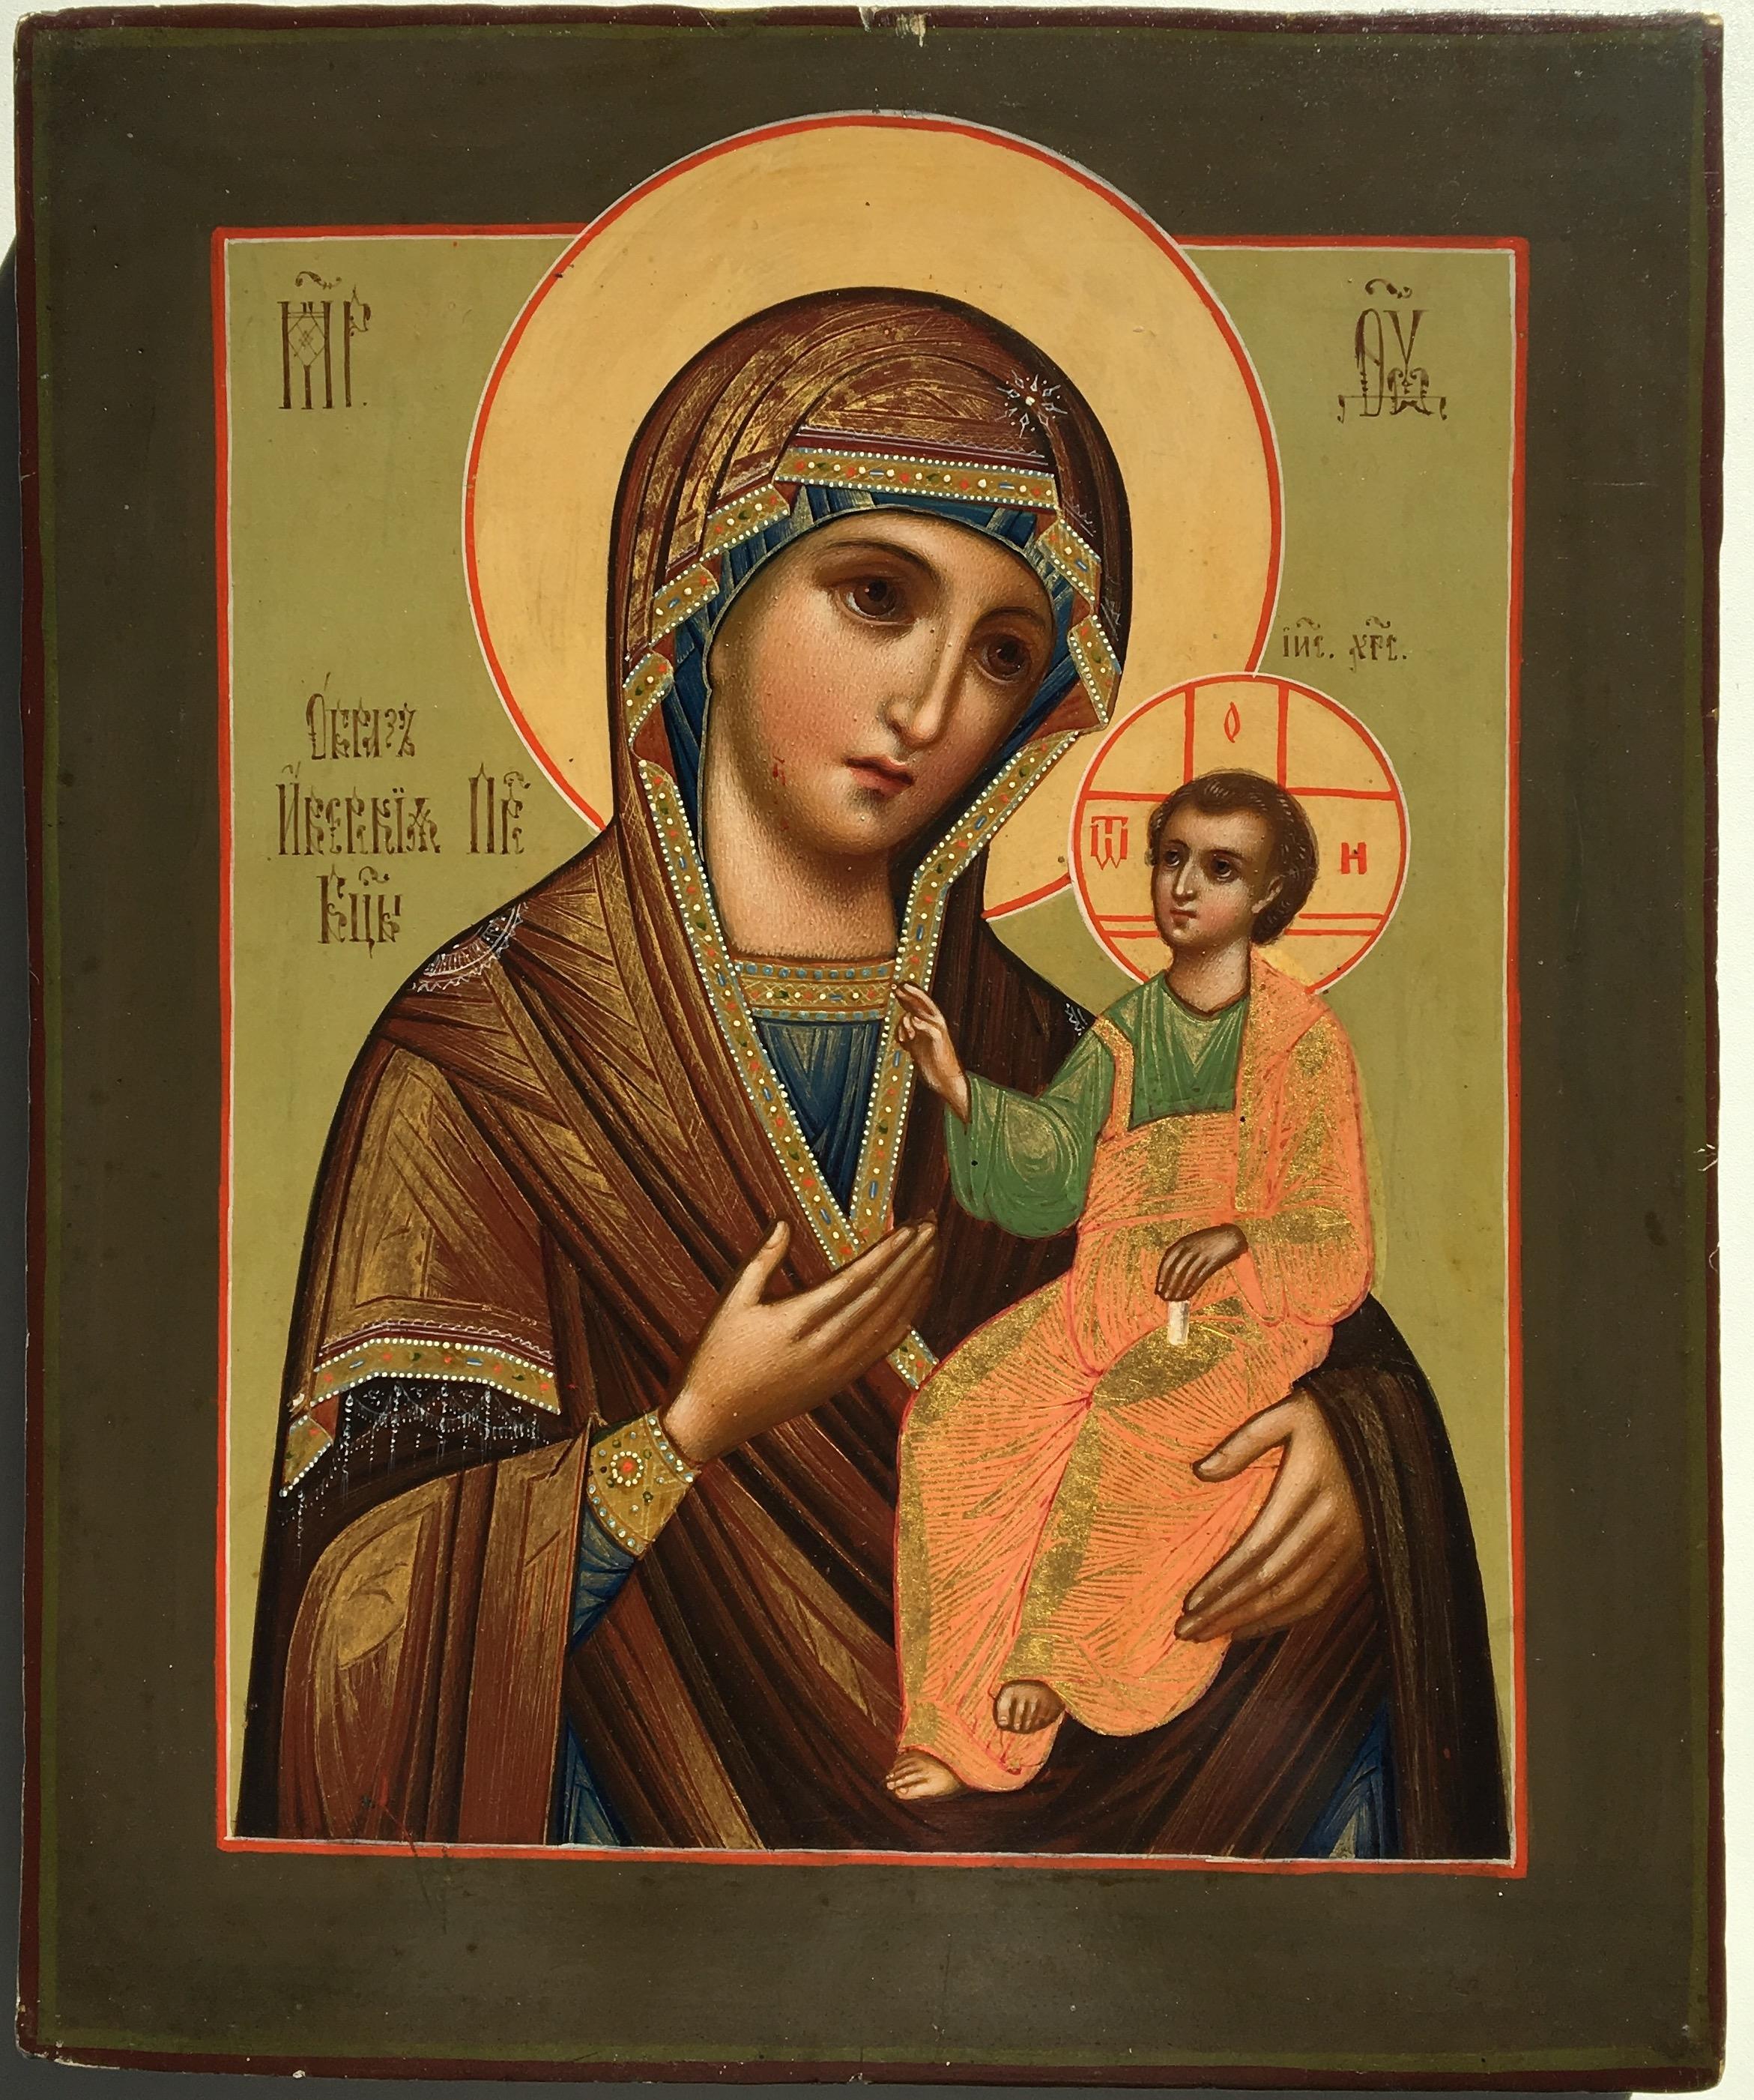 Иверская икона Божией Матери. Размер 26,5х22 см. Цена 300000 р.